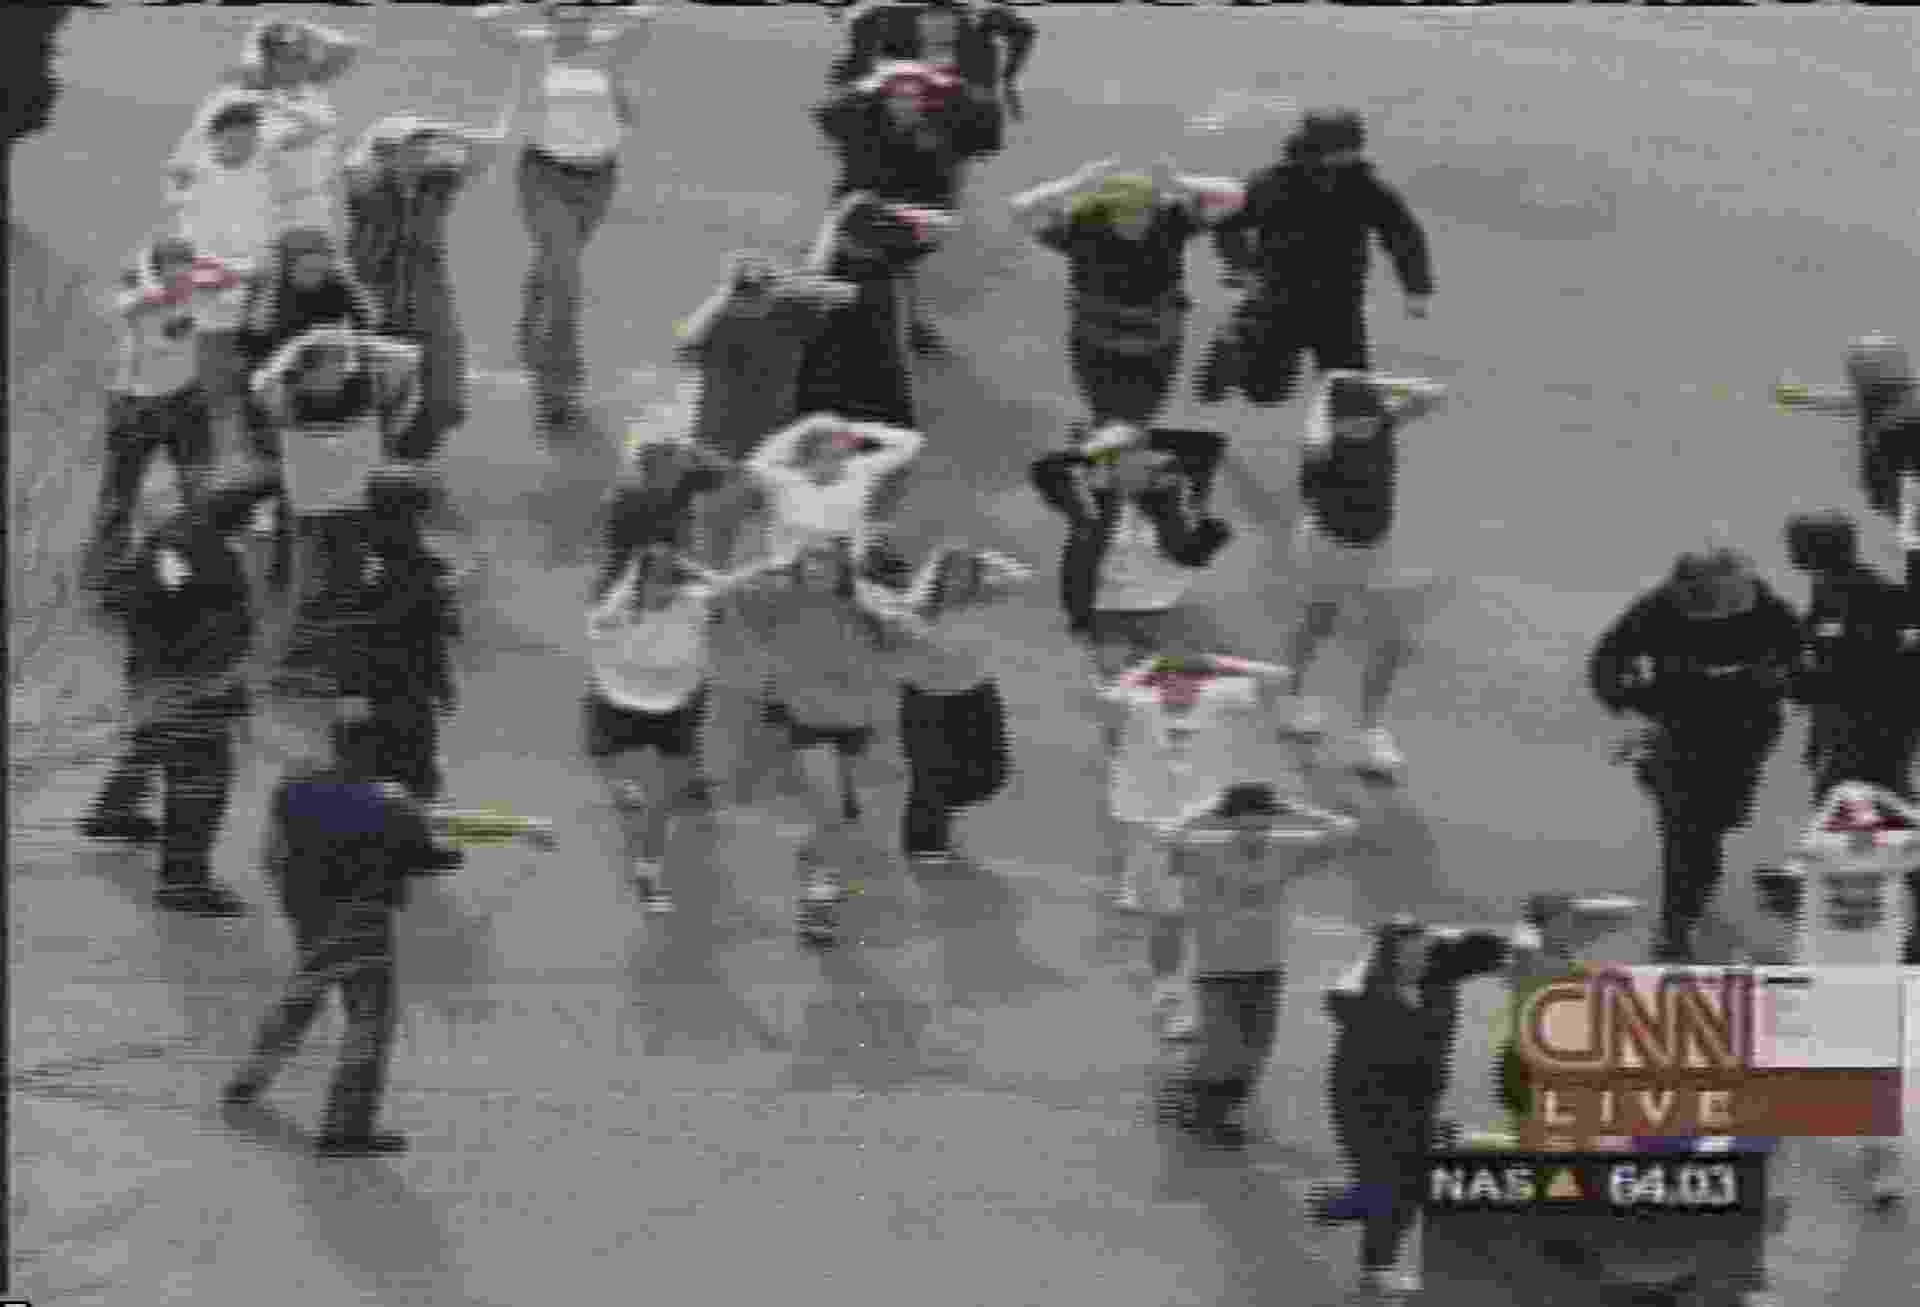 16.set.2013 - Abril de 1999: Dois estudantes do Ensino Médio atiraram contra colegas na escola de Columbine, em Littleton, no Estado do Colorado. Doze estudantes e um professor morrem. Os dois jovens assassinos cometem suicídio - Kusa Via CNN/AFP